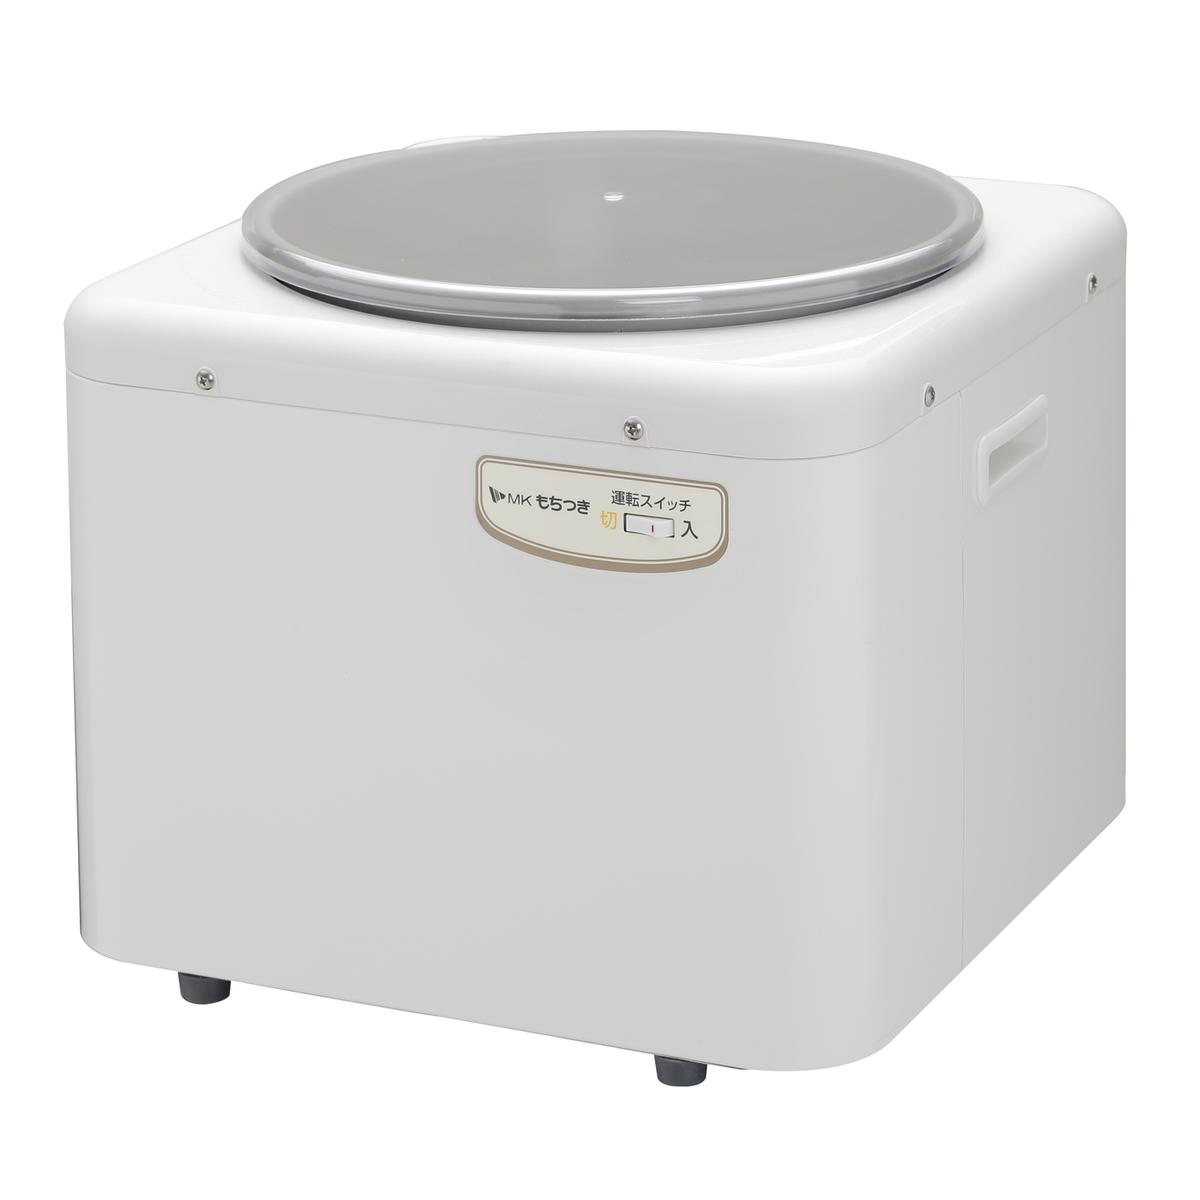 エムケー精工 餅つき機 つき・ねり専用 3升タイプ RM541SZ もちつき